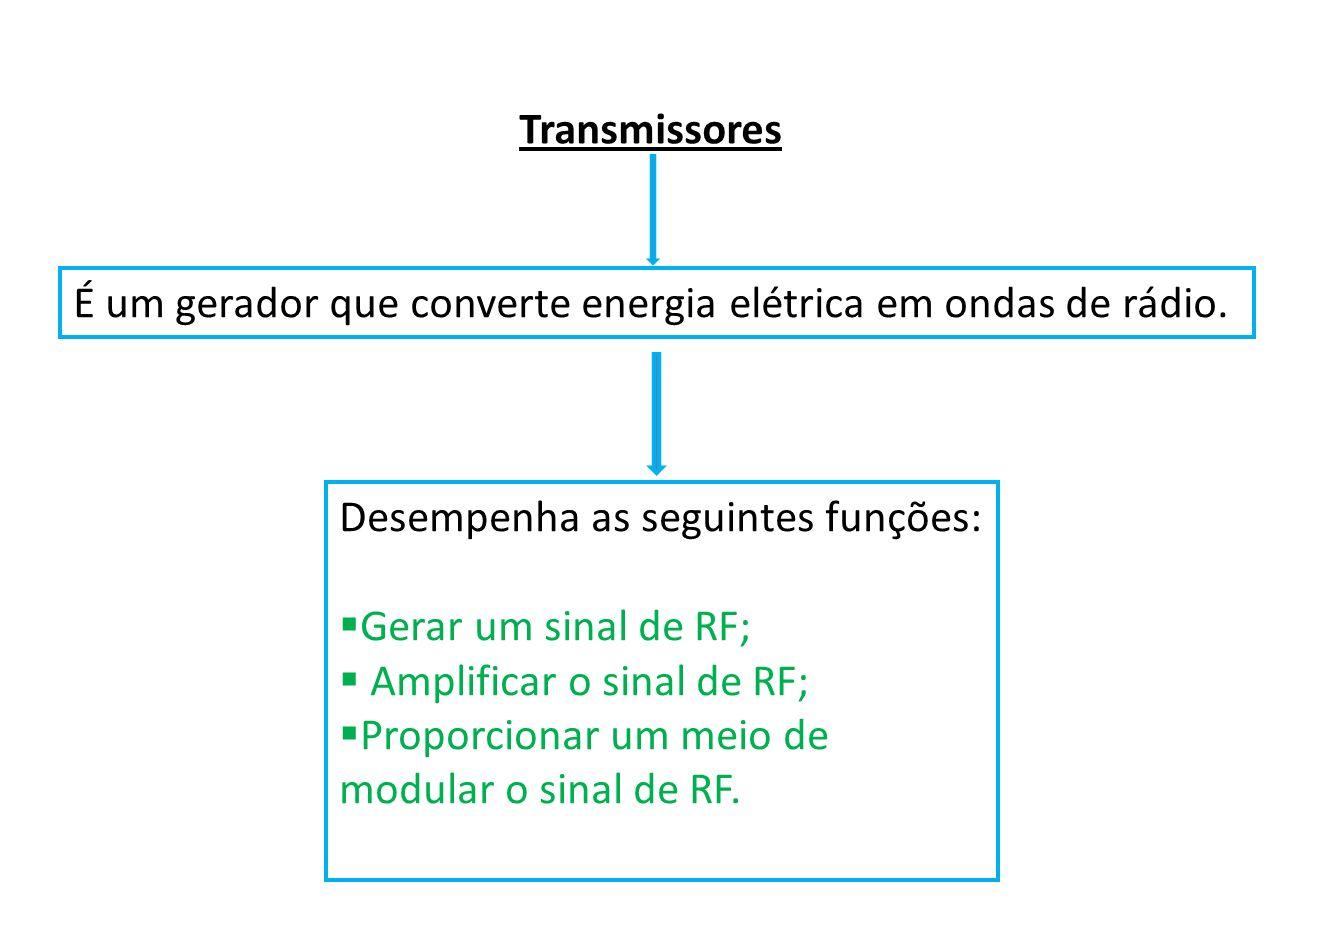 Quanto maior for a potência de saída de um transmissor, maior será a distância que o seu sinal será recebido.